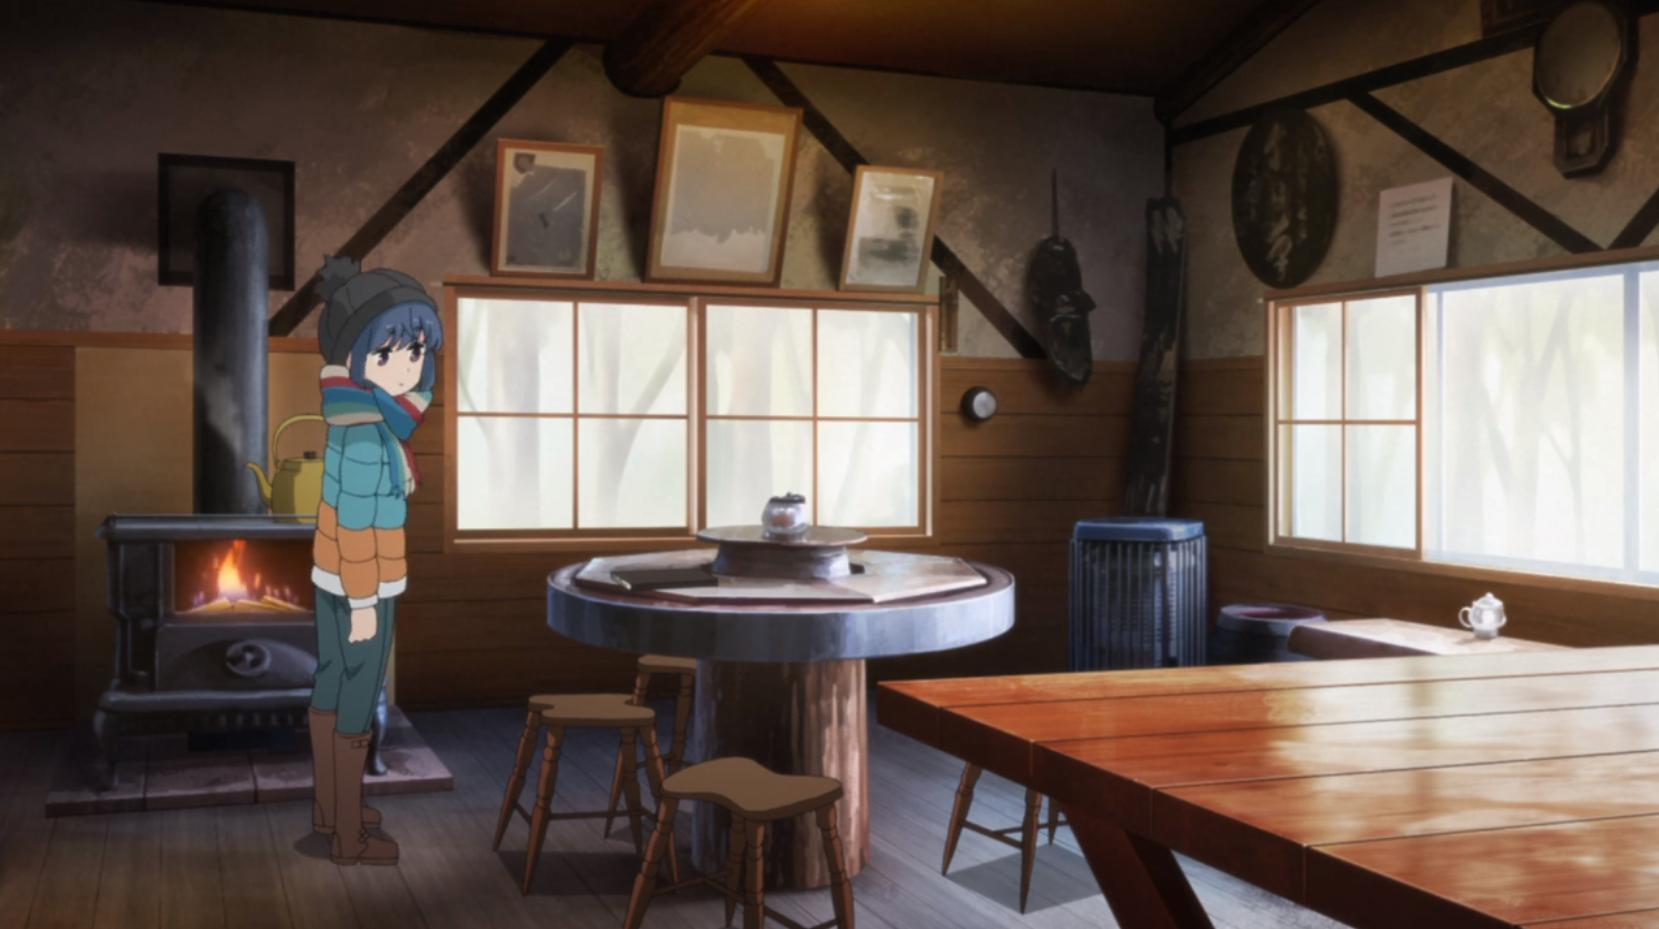 アニメ『ゆるキャン△』4話「ころぼっくるひゅって」